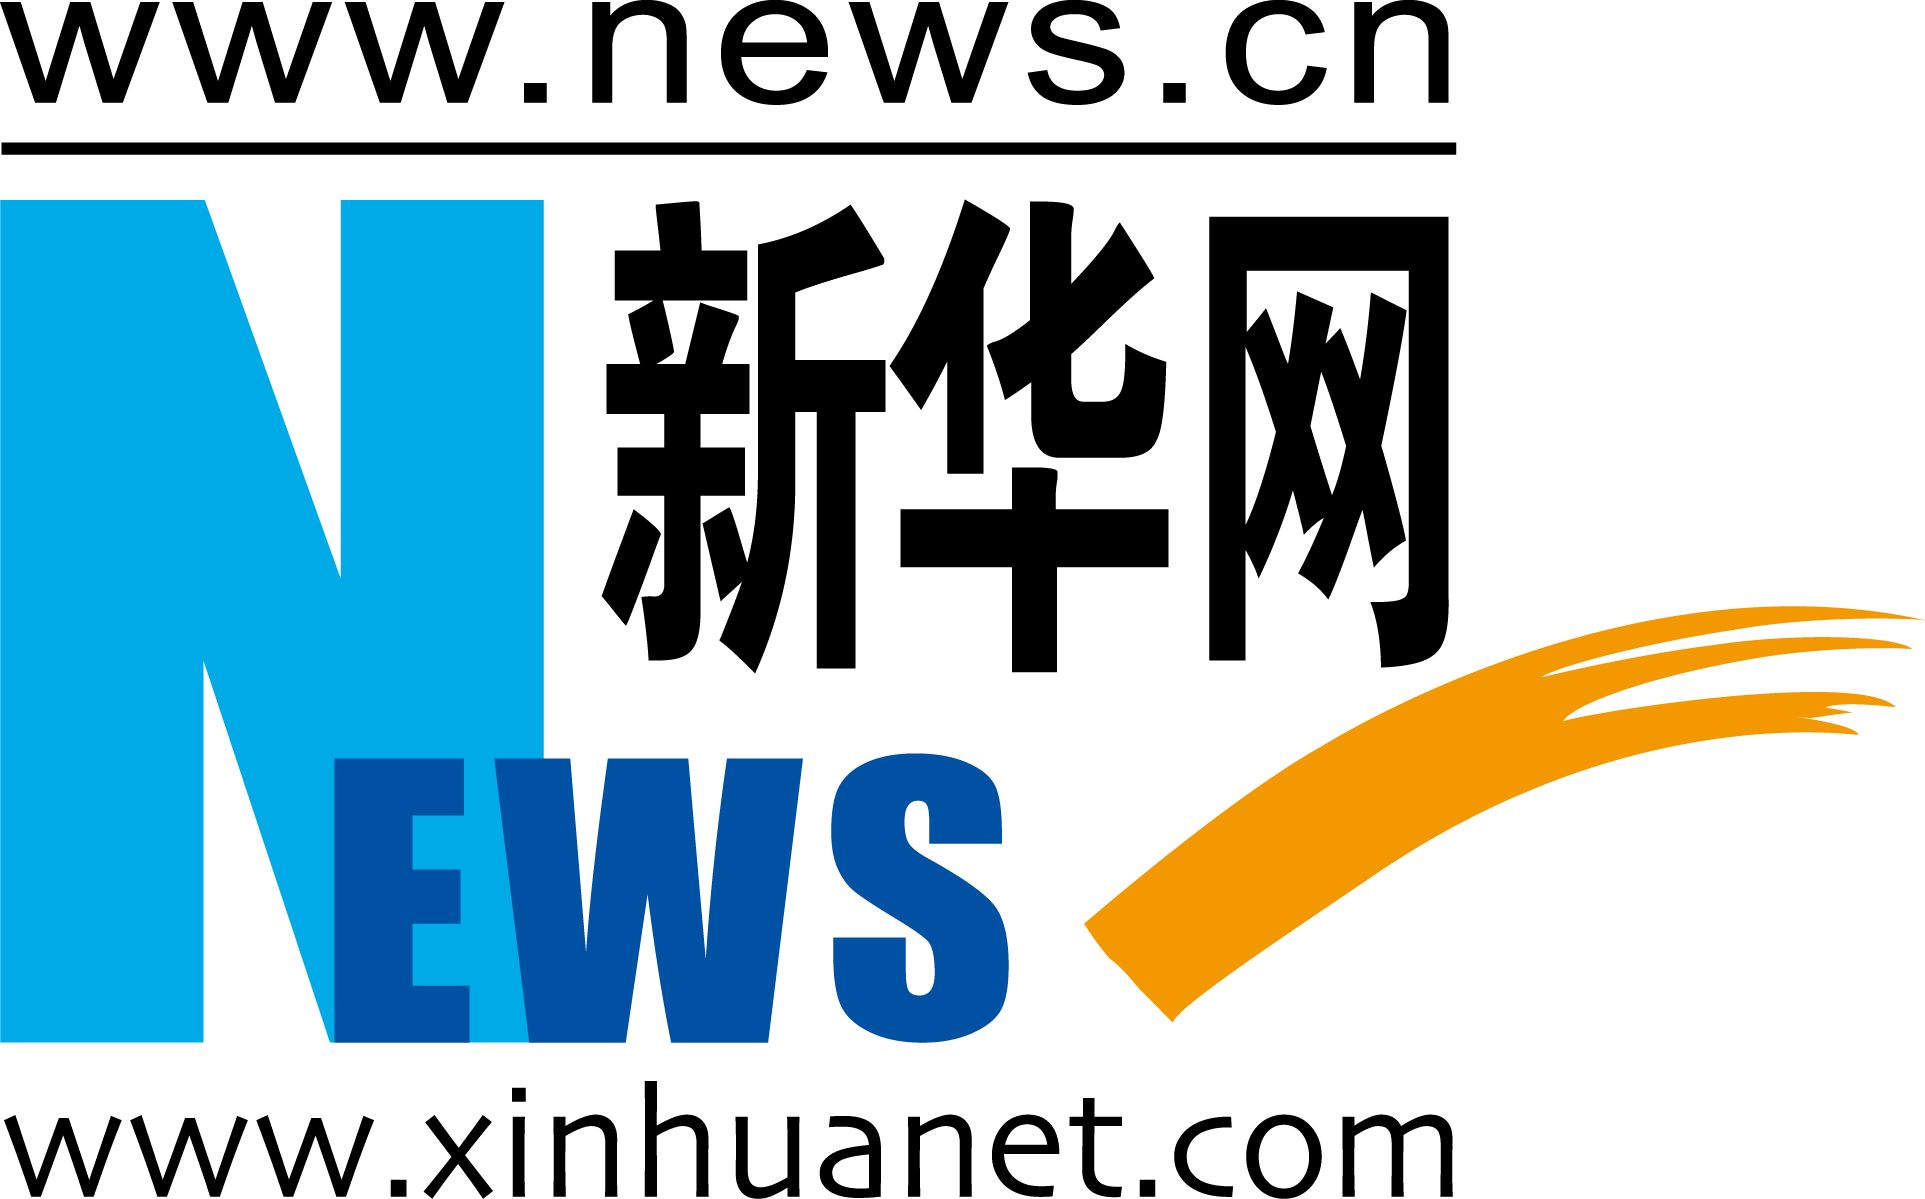 日本首相安倍晋三将于10月25日至27日访问中国